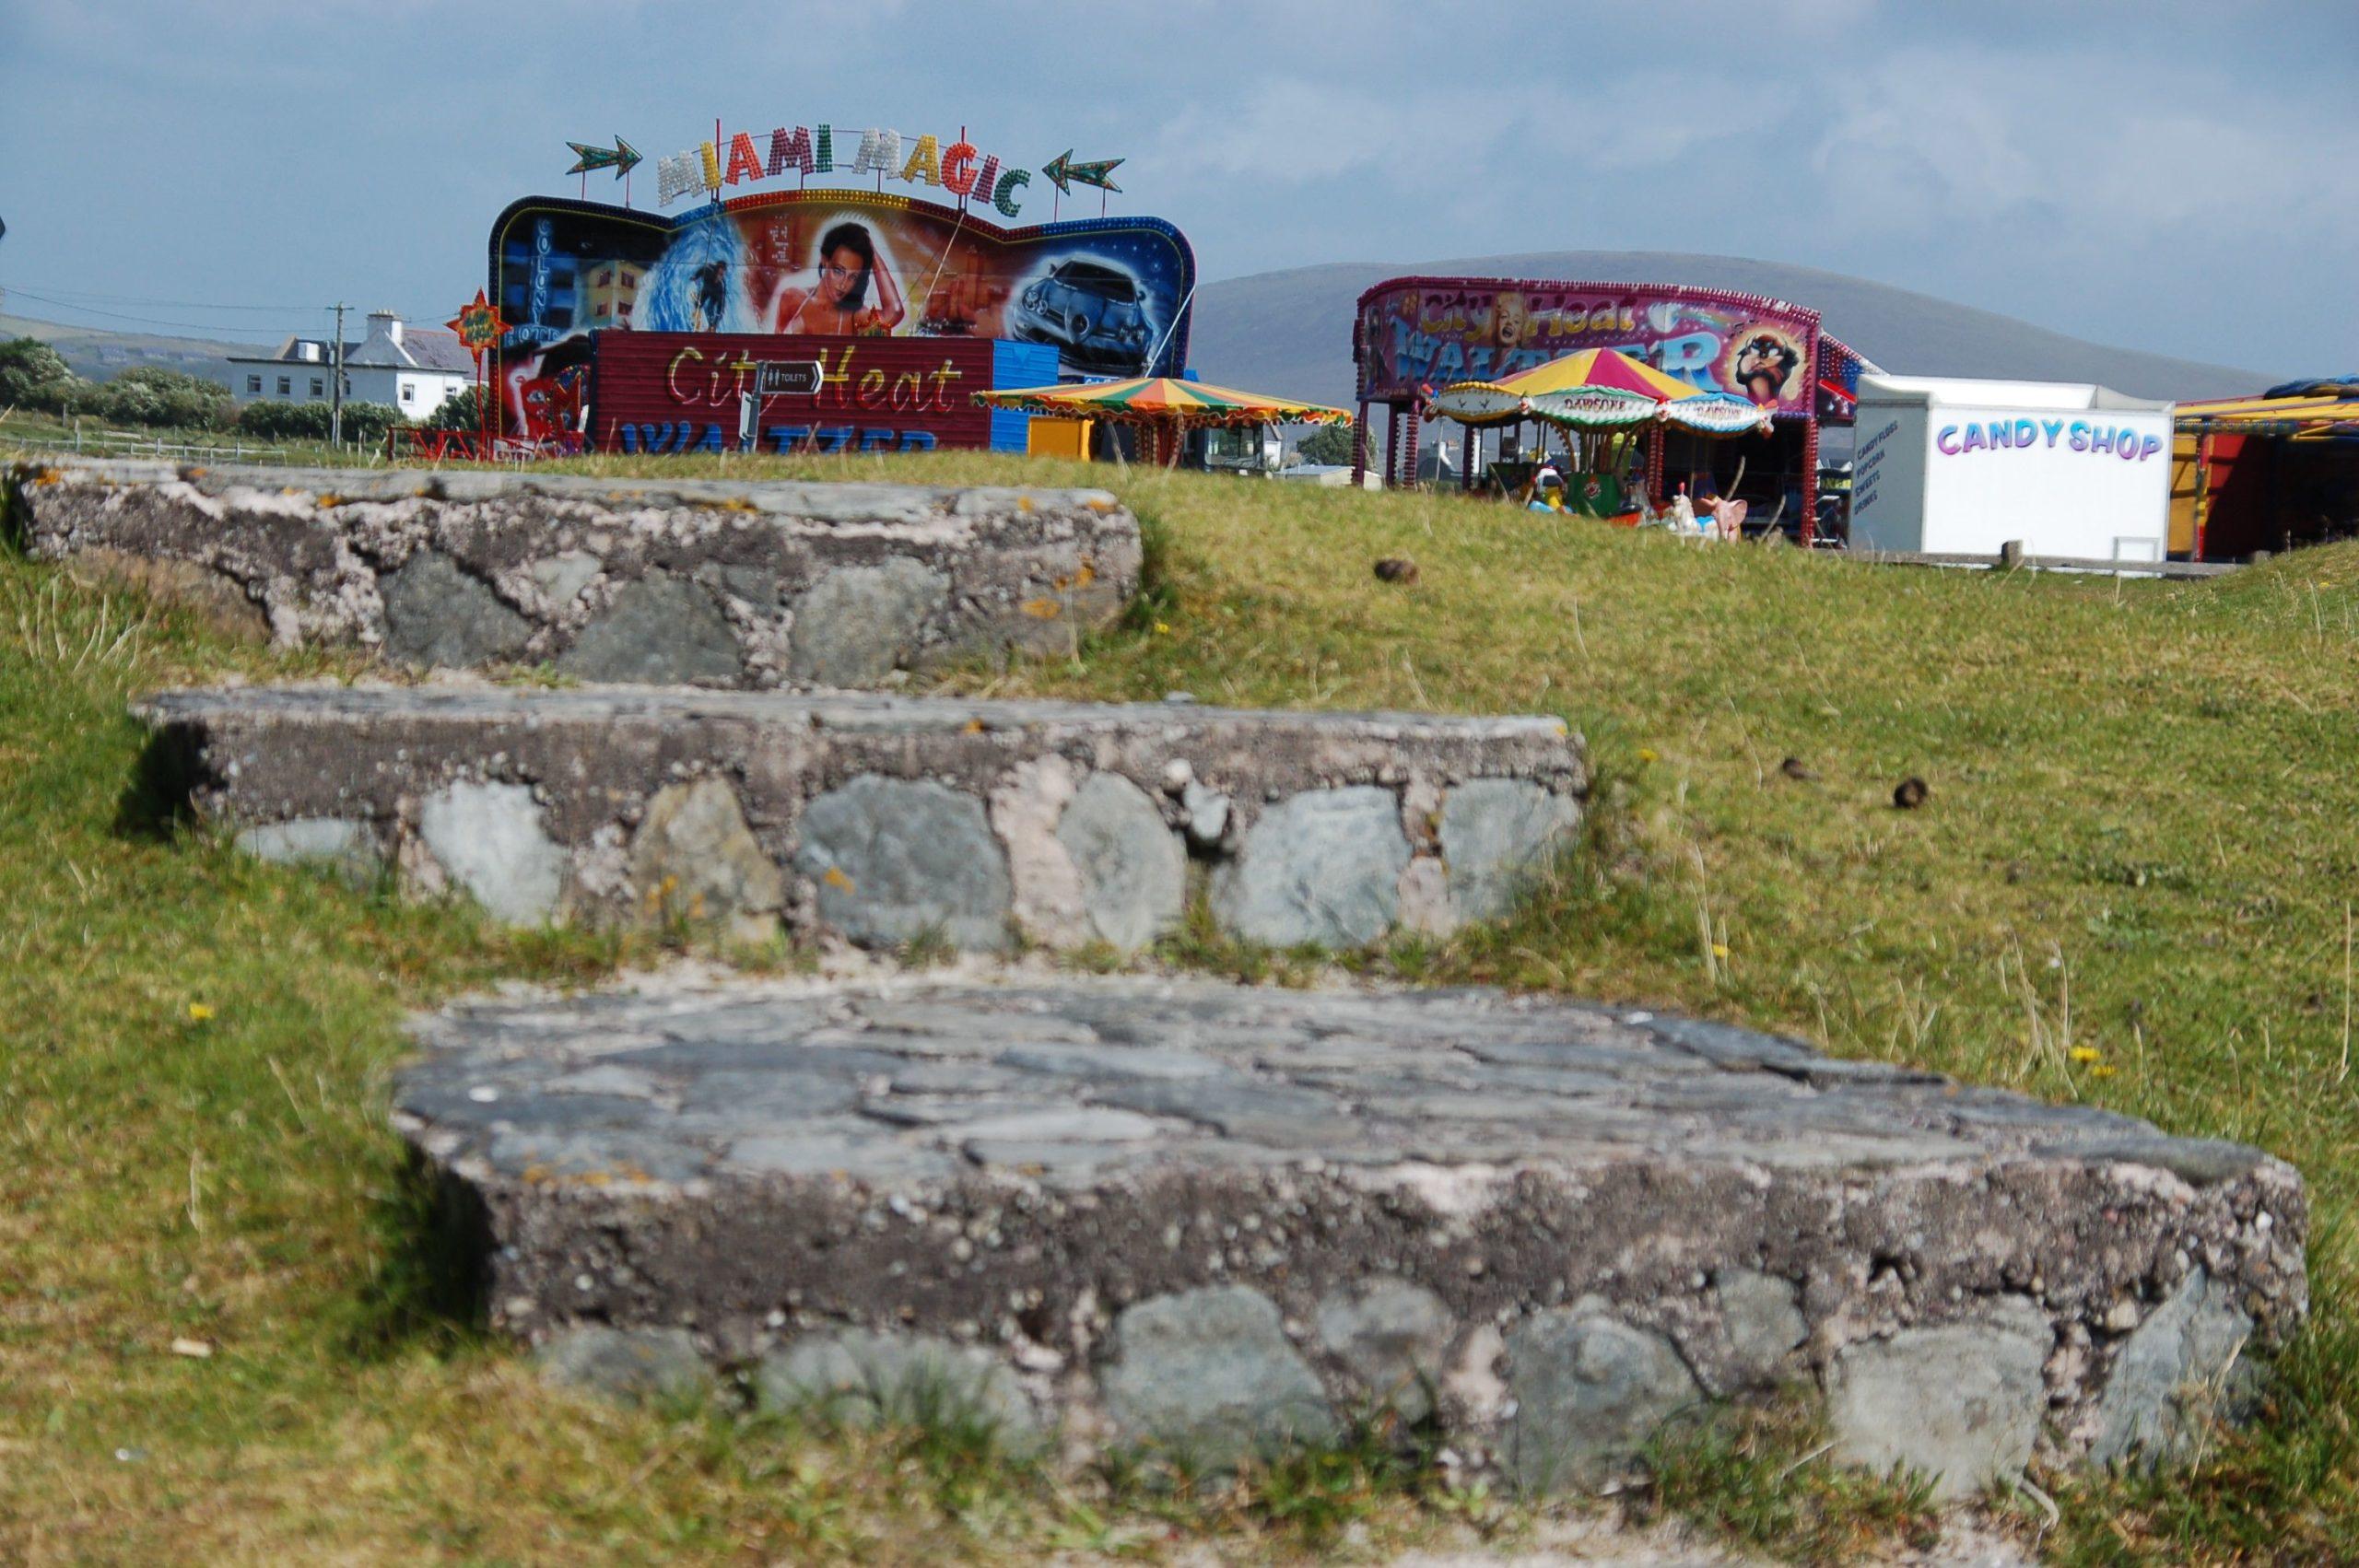 Ein Jahrmarkt im Grünen auf der Insel Achill Island